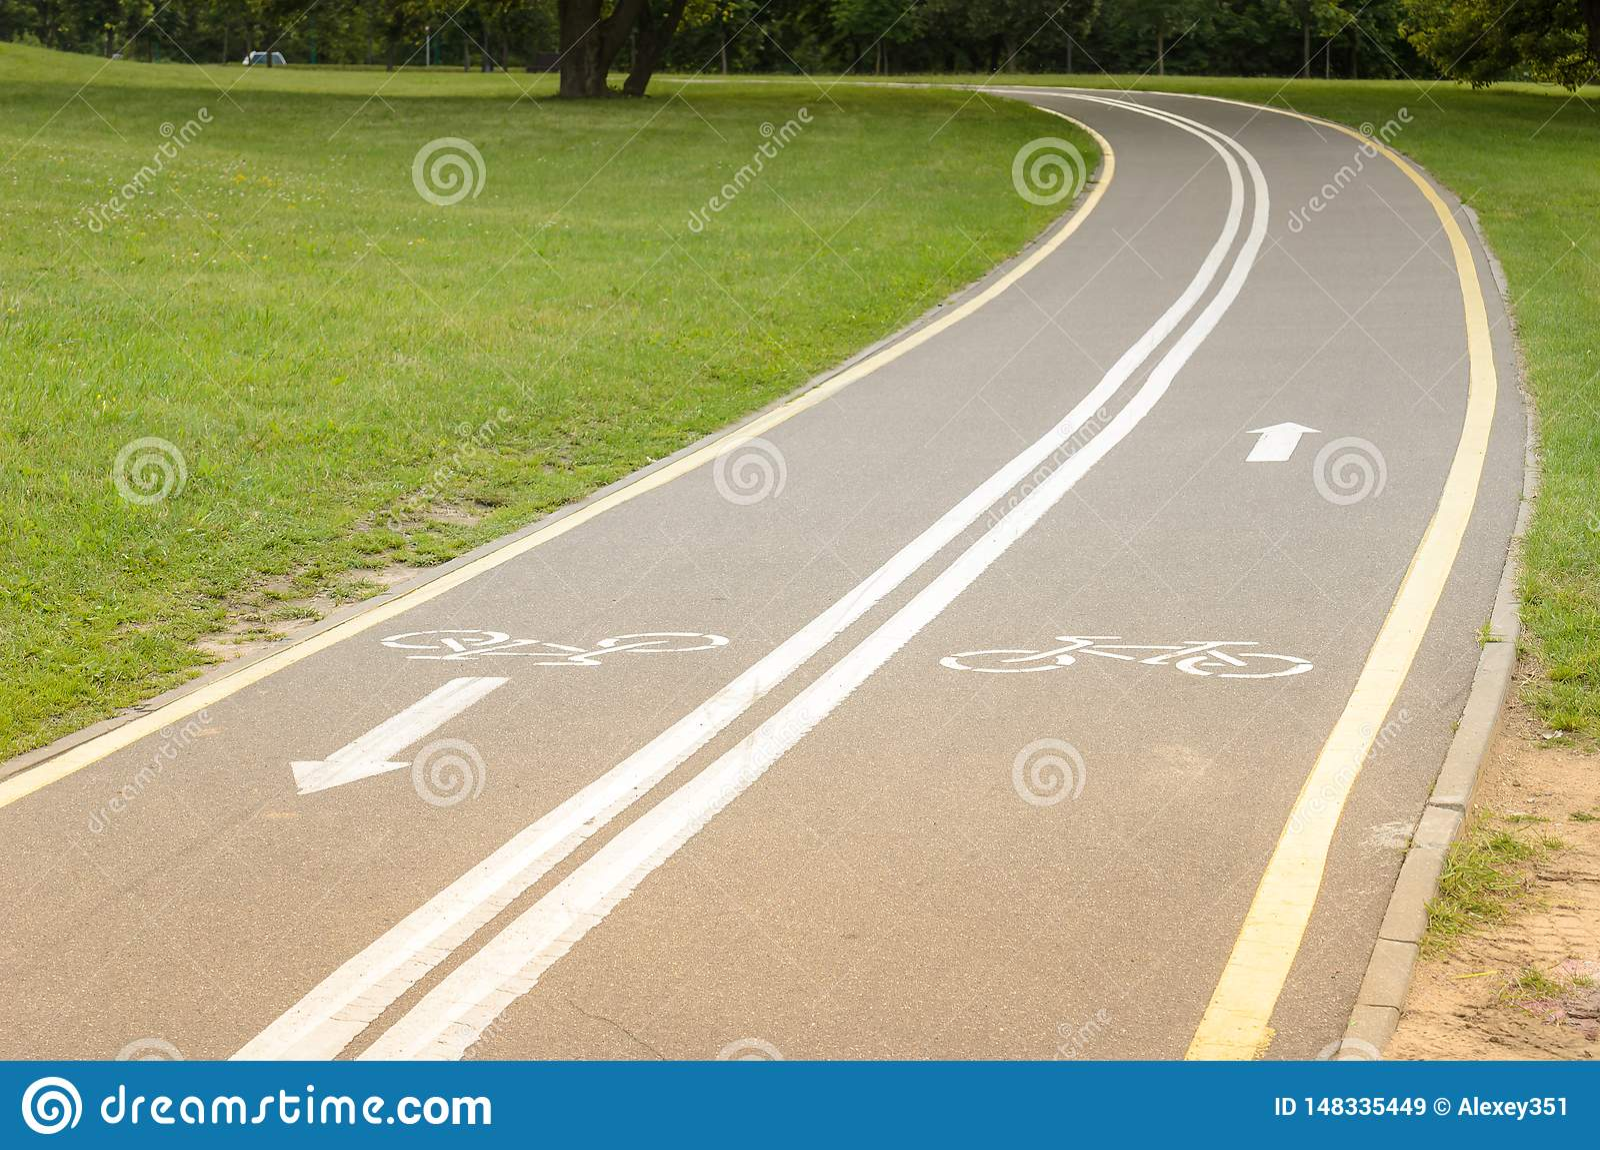 Det asfalterade cykelspåret i parkerar/det asfalterade cykelspåret i parkerar med ett grönt gräs